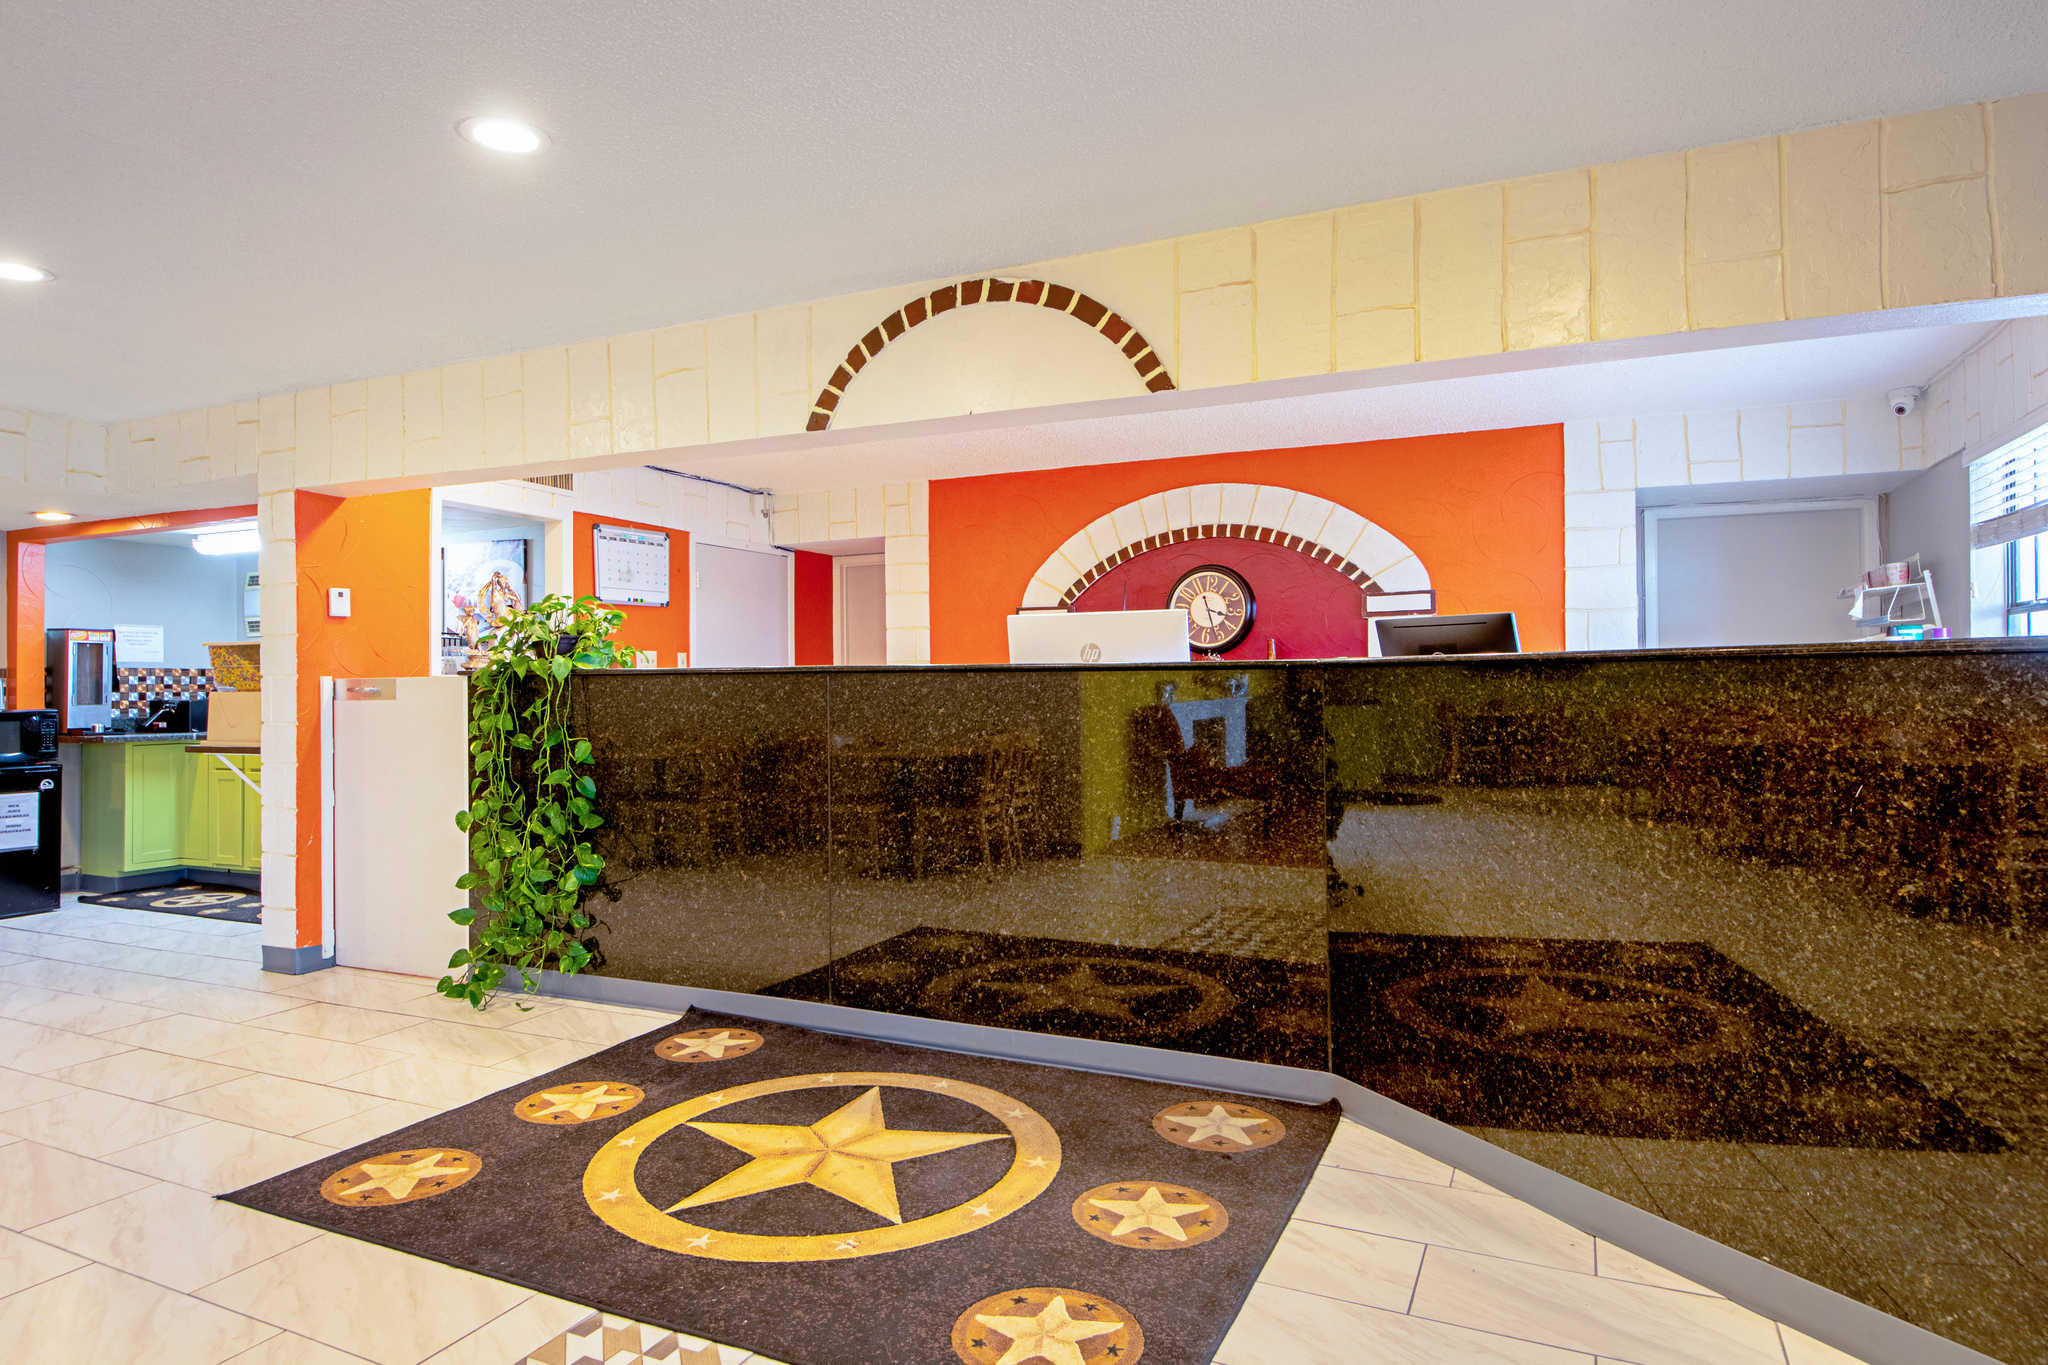 Rodeway Inn & Suites image 3